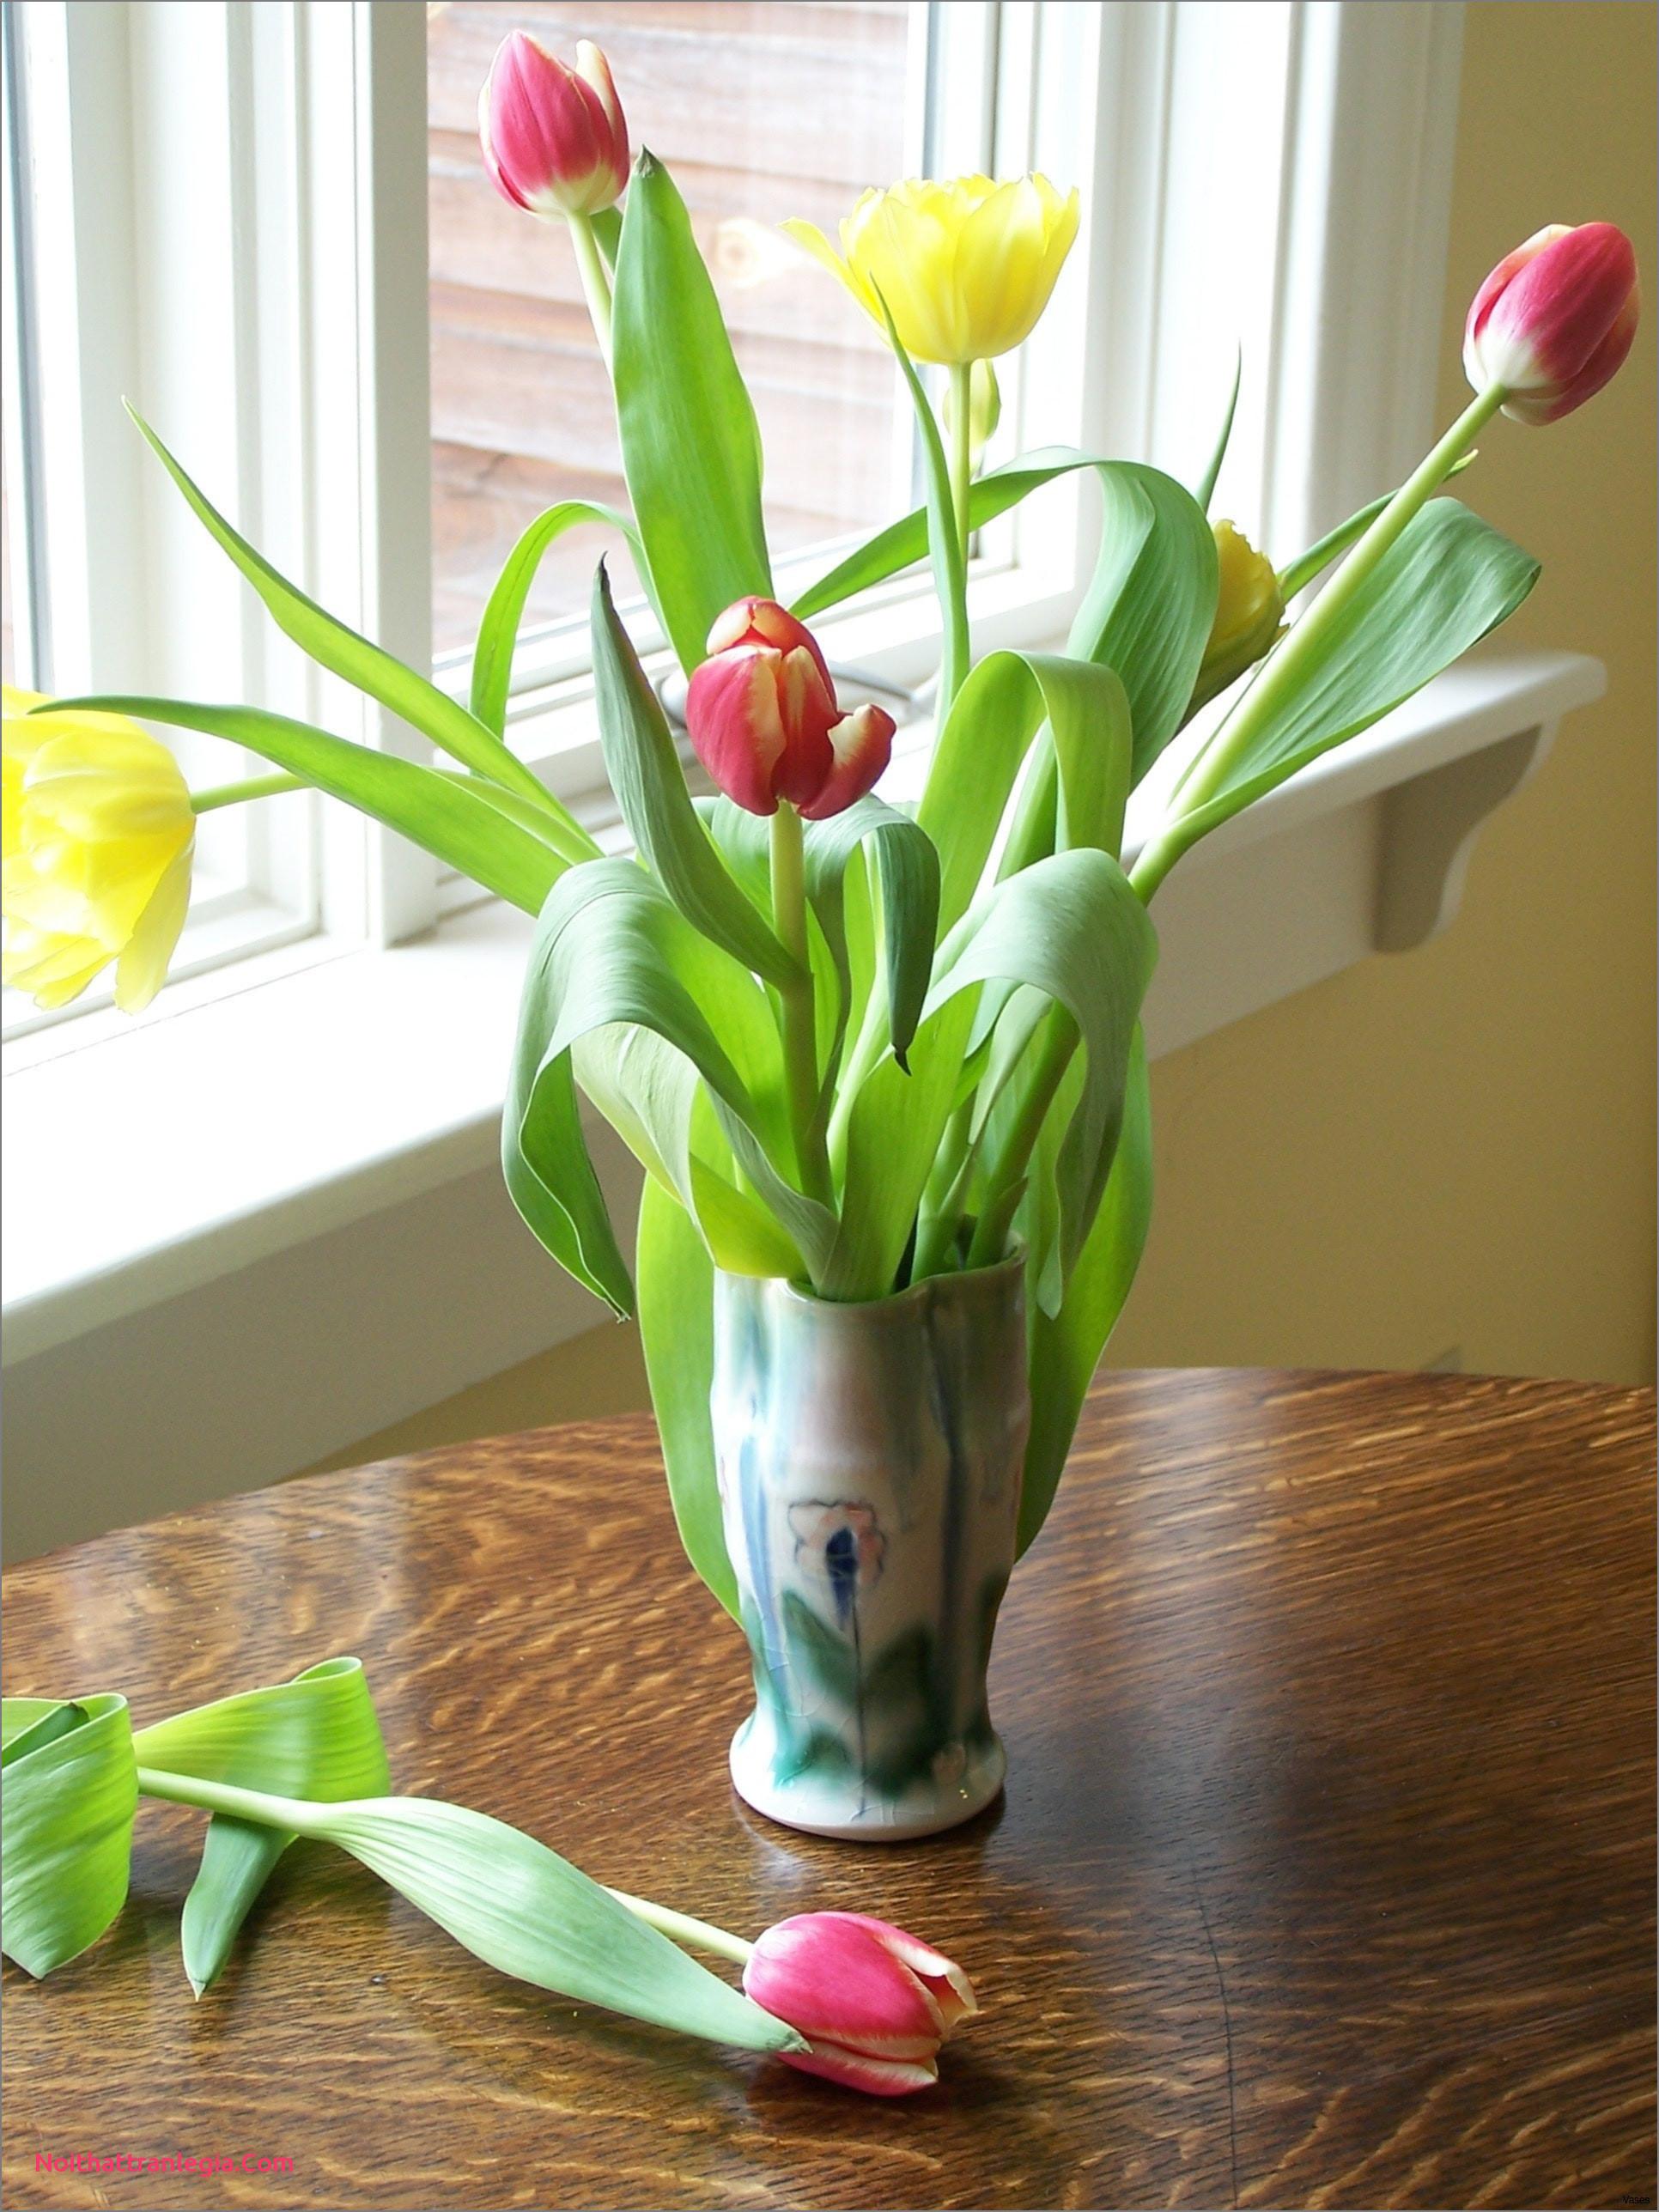 single flower glass vase of 20 how to clean flower vases noithattranlegia vases design pertaining to il fullxfull l7e9h vases single flower vase ideas zoomi 0d inspiration single flower vases